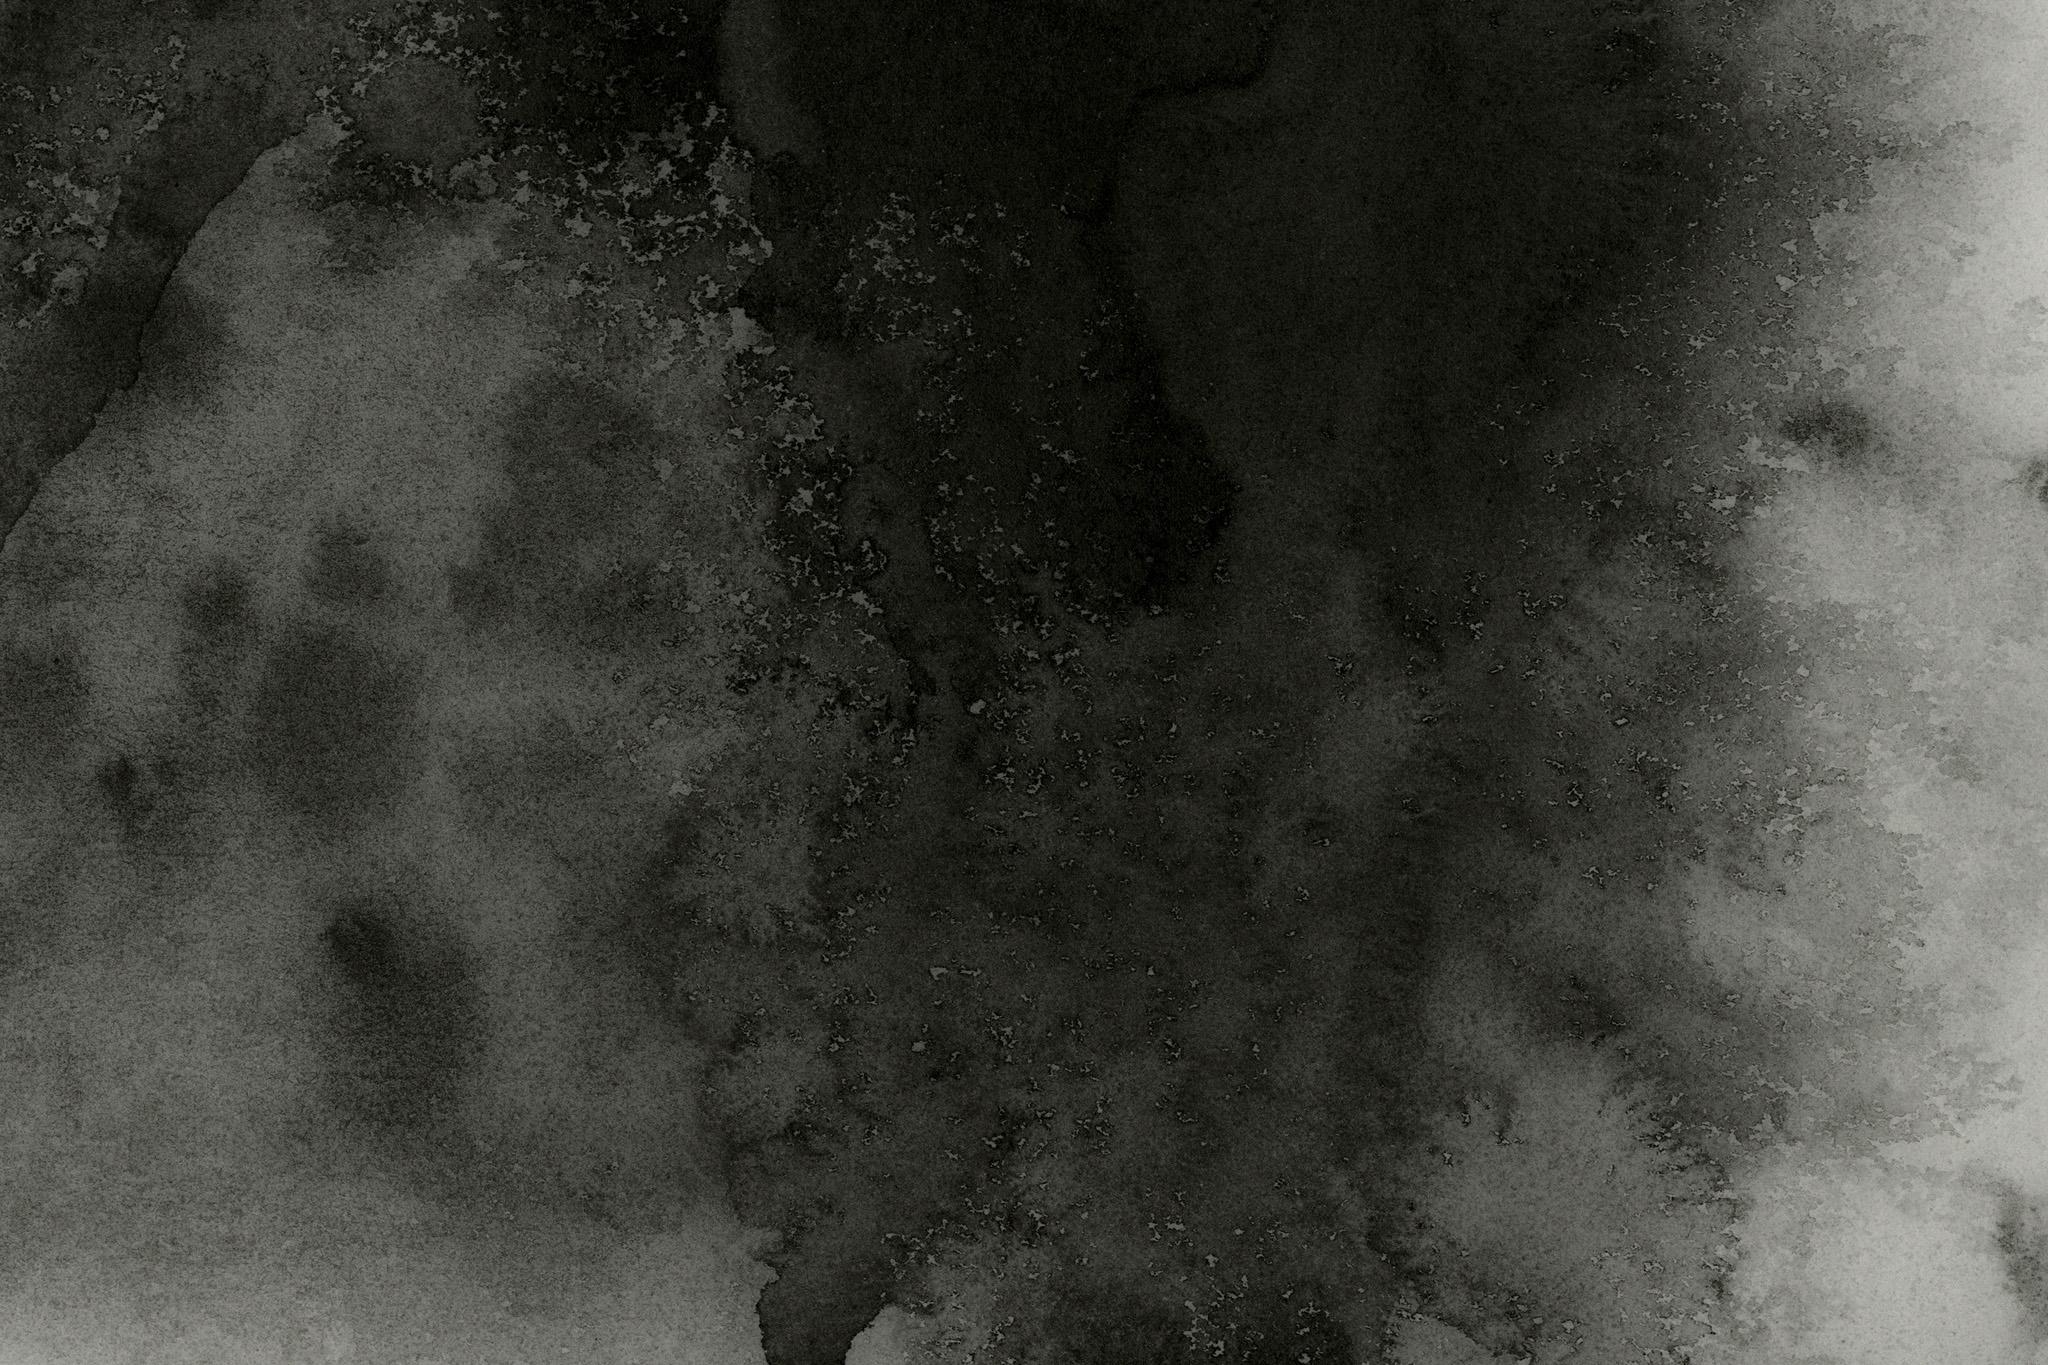 「黒墨のニジミが染み渡る紙」